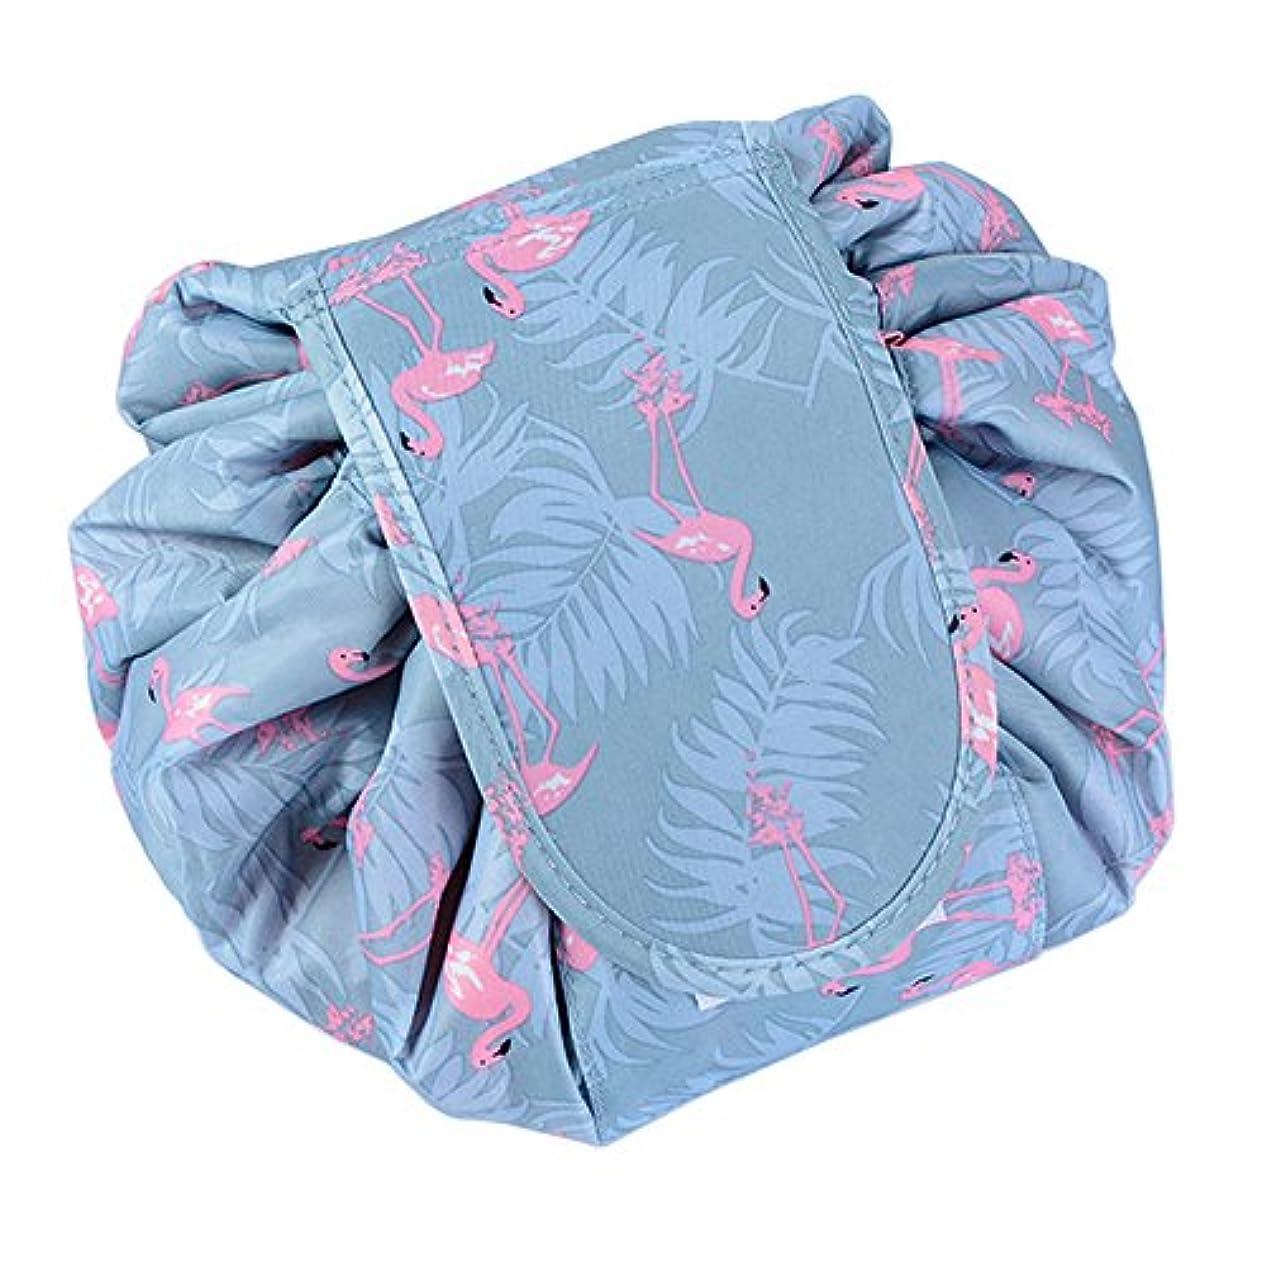 経験振りかける代表してSimonJp メイクポーチ 化粧ポーチ 化粧品収納 収納ポーチ 多機能 大容量 巾着袋 防水 携帯 軽量 旅行 便利 フラミンゴ